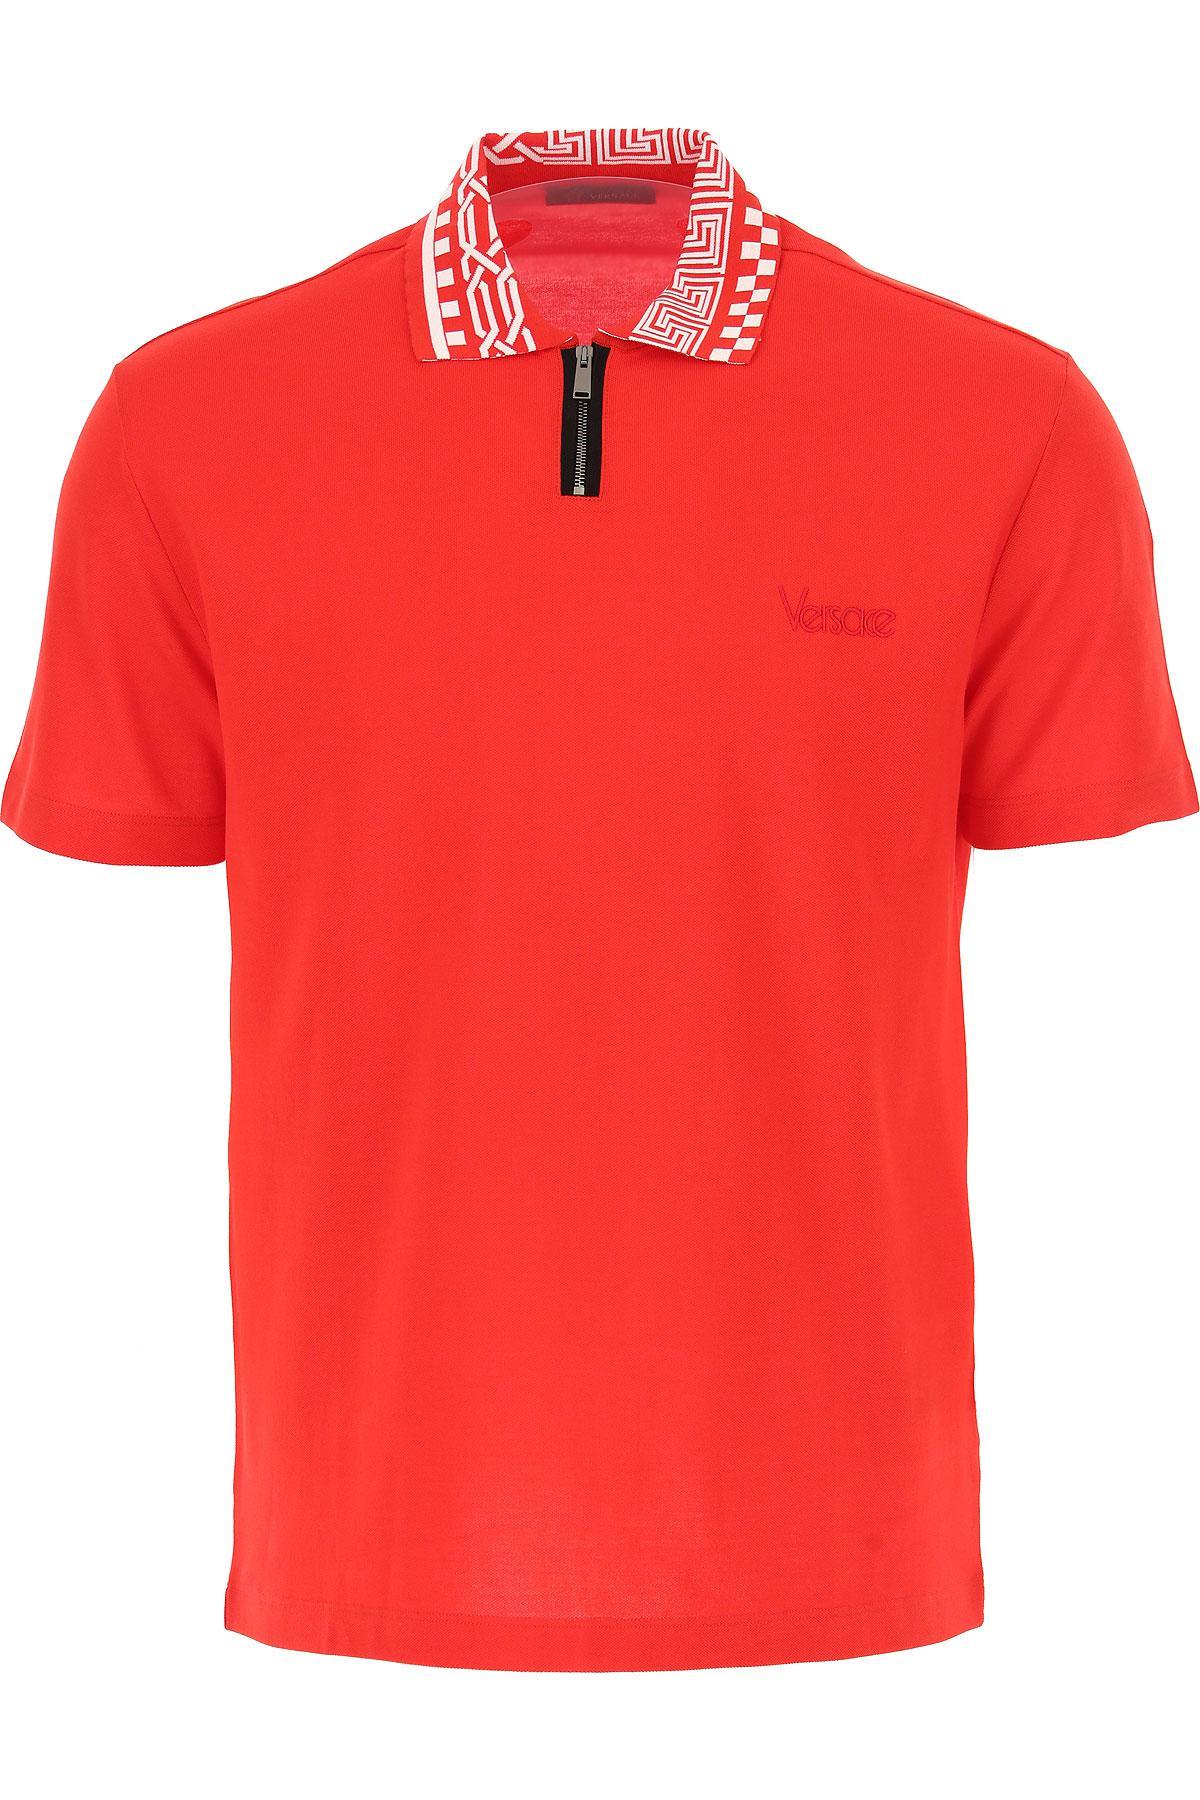 Versace - Red Polo Homme Pas cher en Soldes for Men - Lyst. Afficher en  plein écran c7474a19fdc